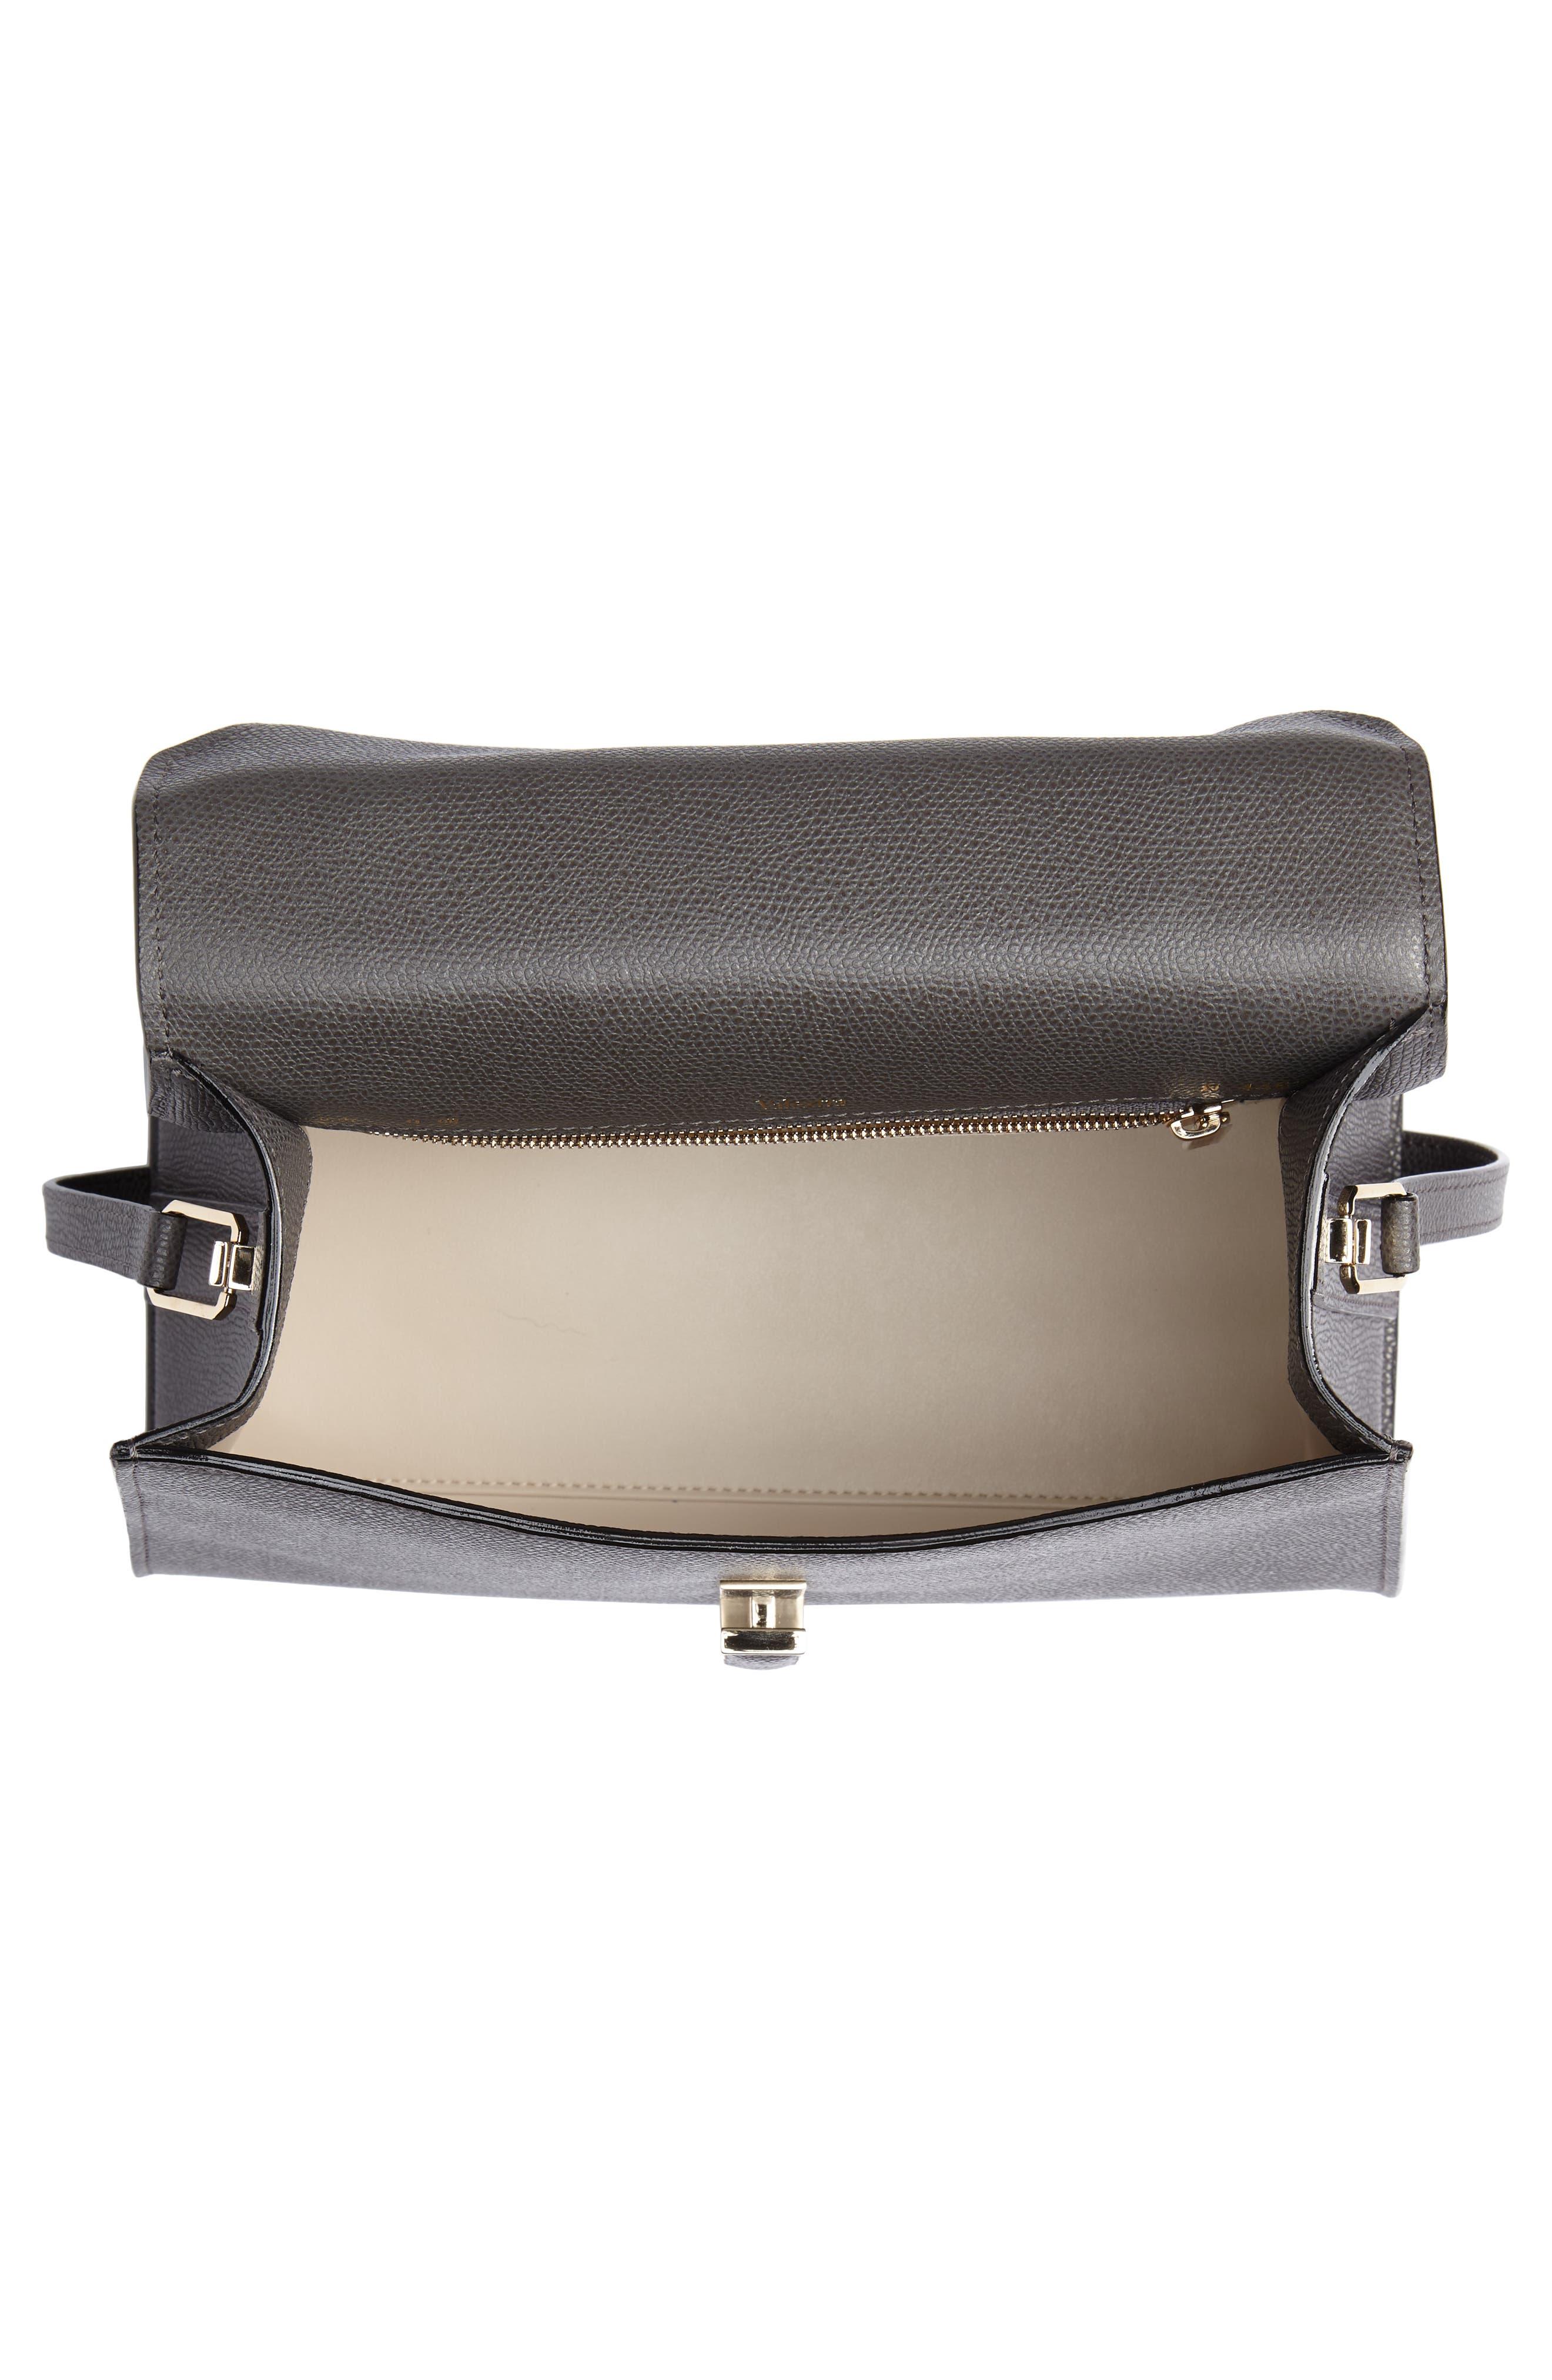 Iside Medium Top Handle Bag,                             Alternate thumbnail 4, color,                             FUMO DI LONDRA